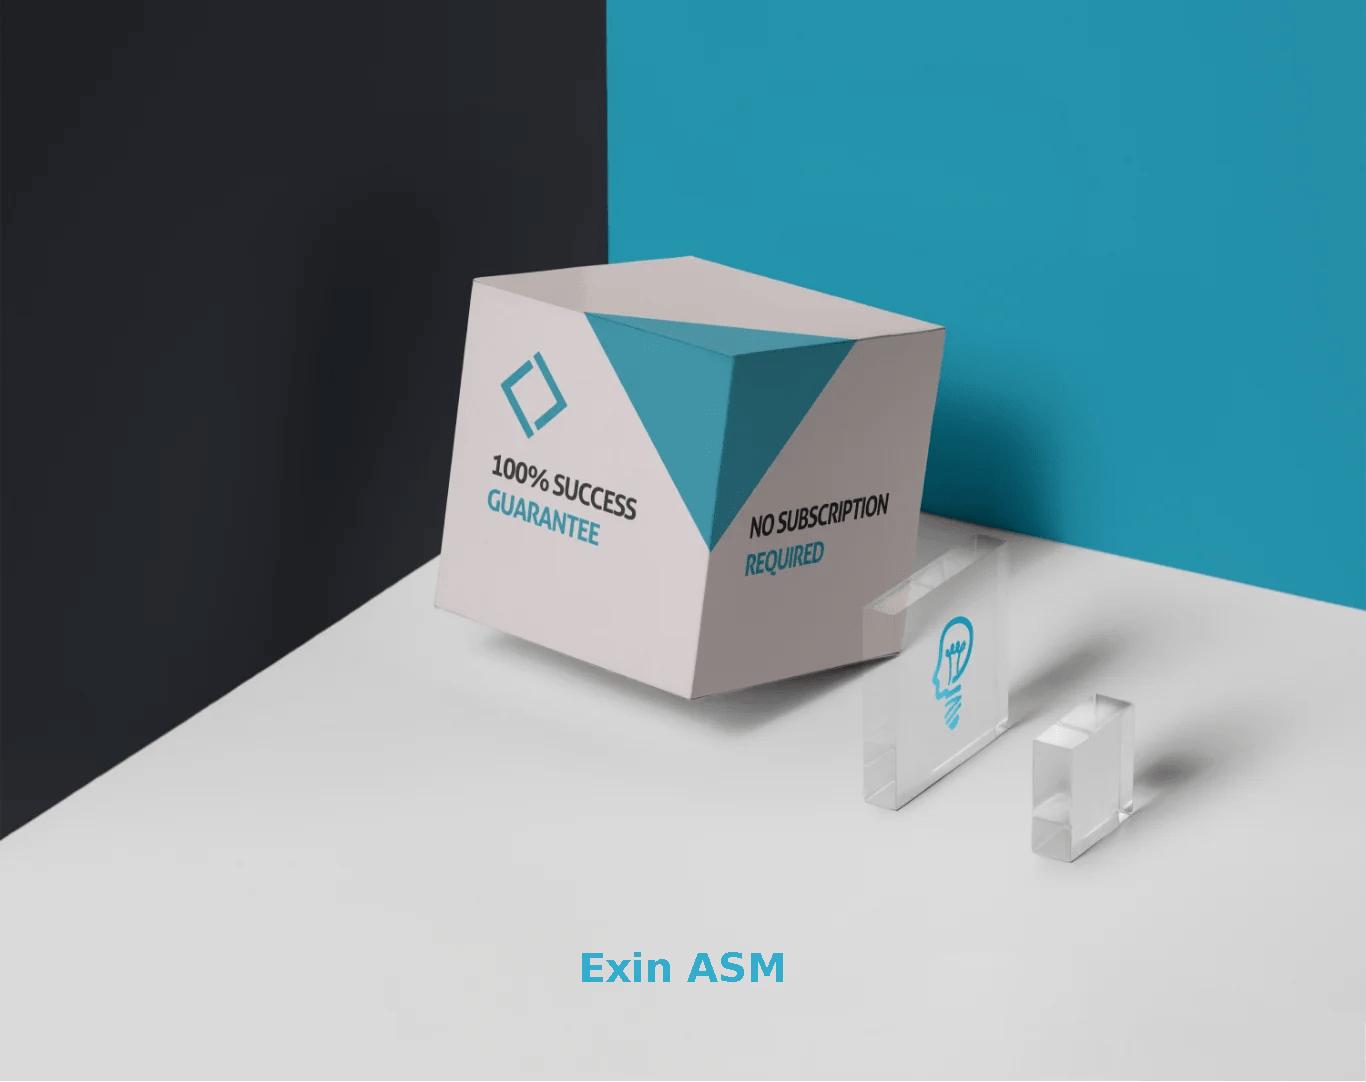 ASM Dumps